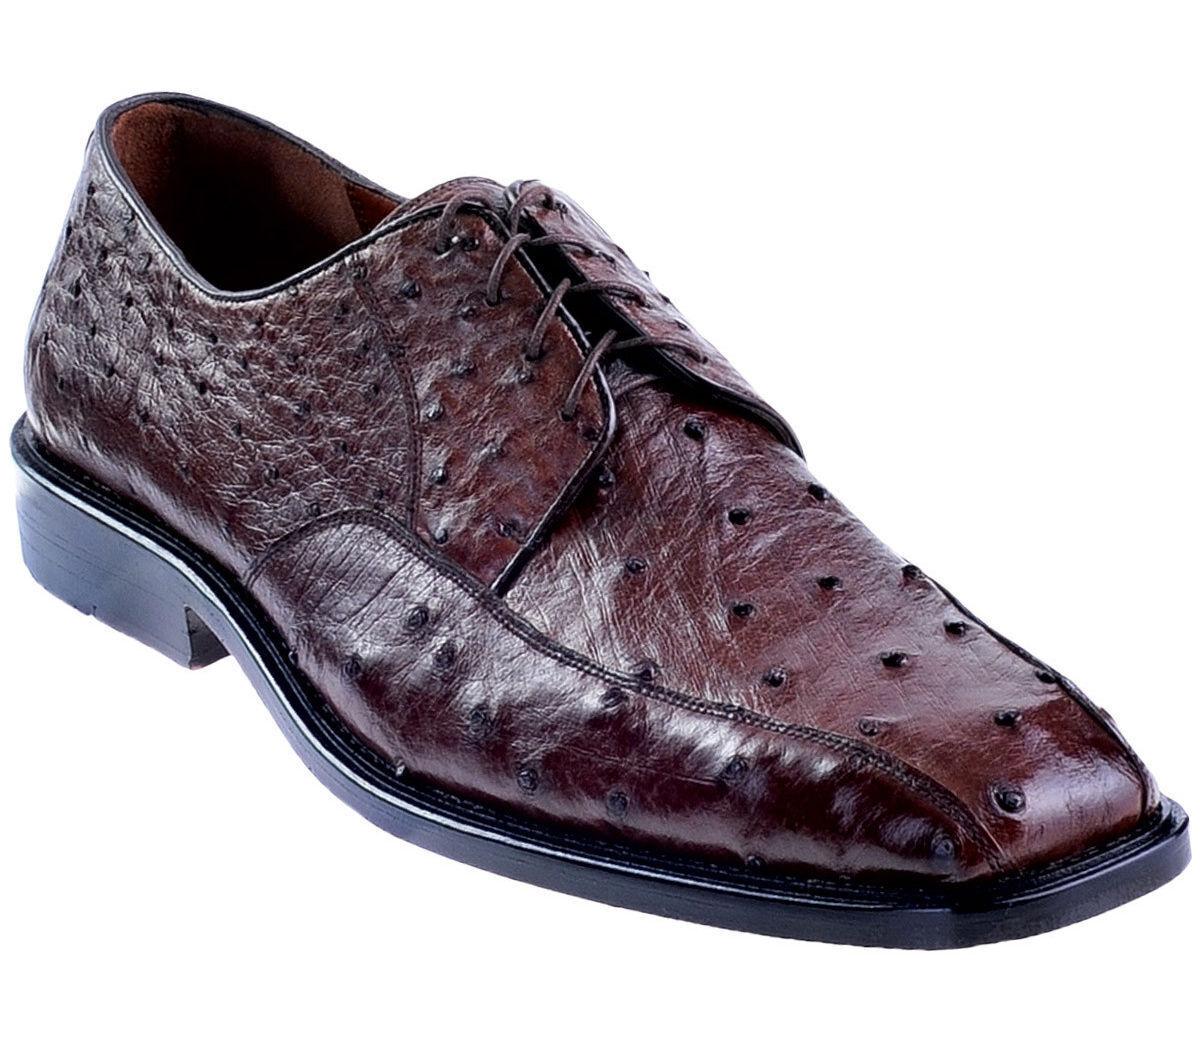 LOS ALTOS GENUINE BROWN OSTRICH OXFORDS DRESS SHOE D Scarpe classiche da uomo